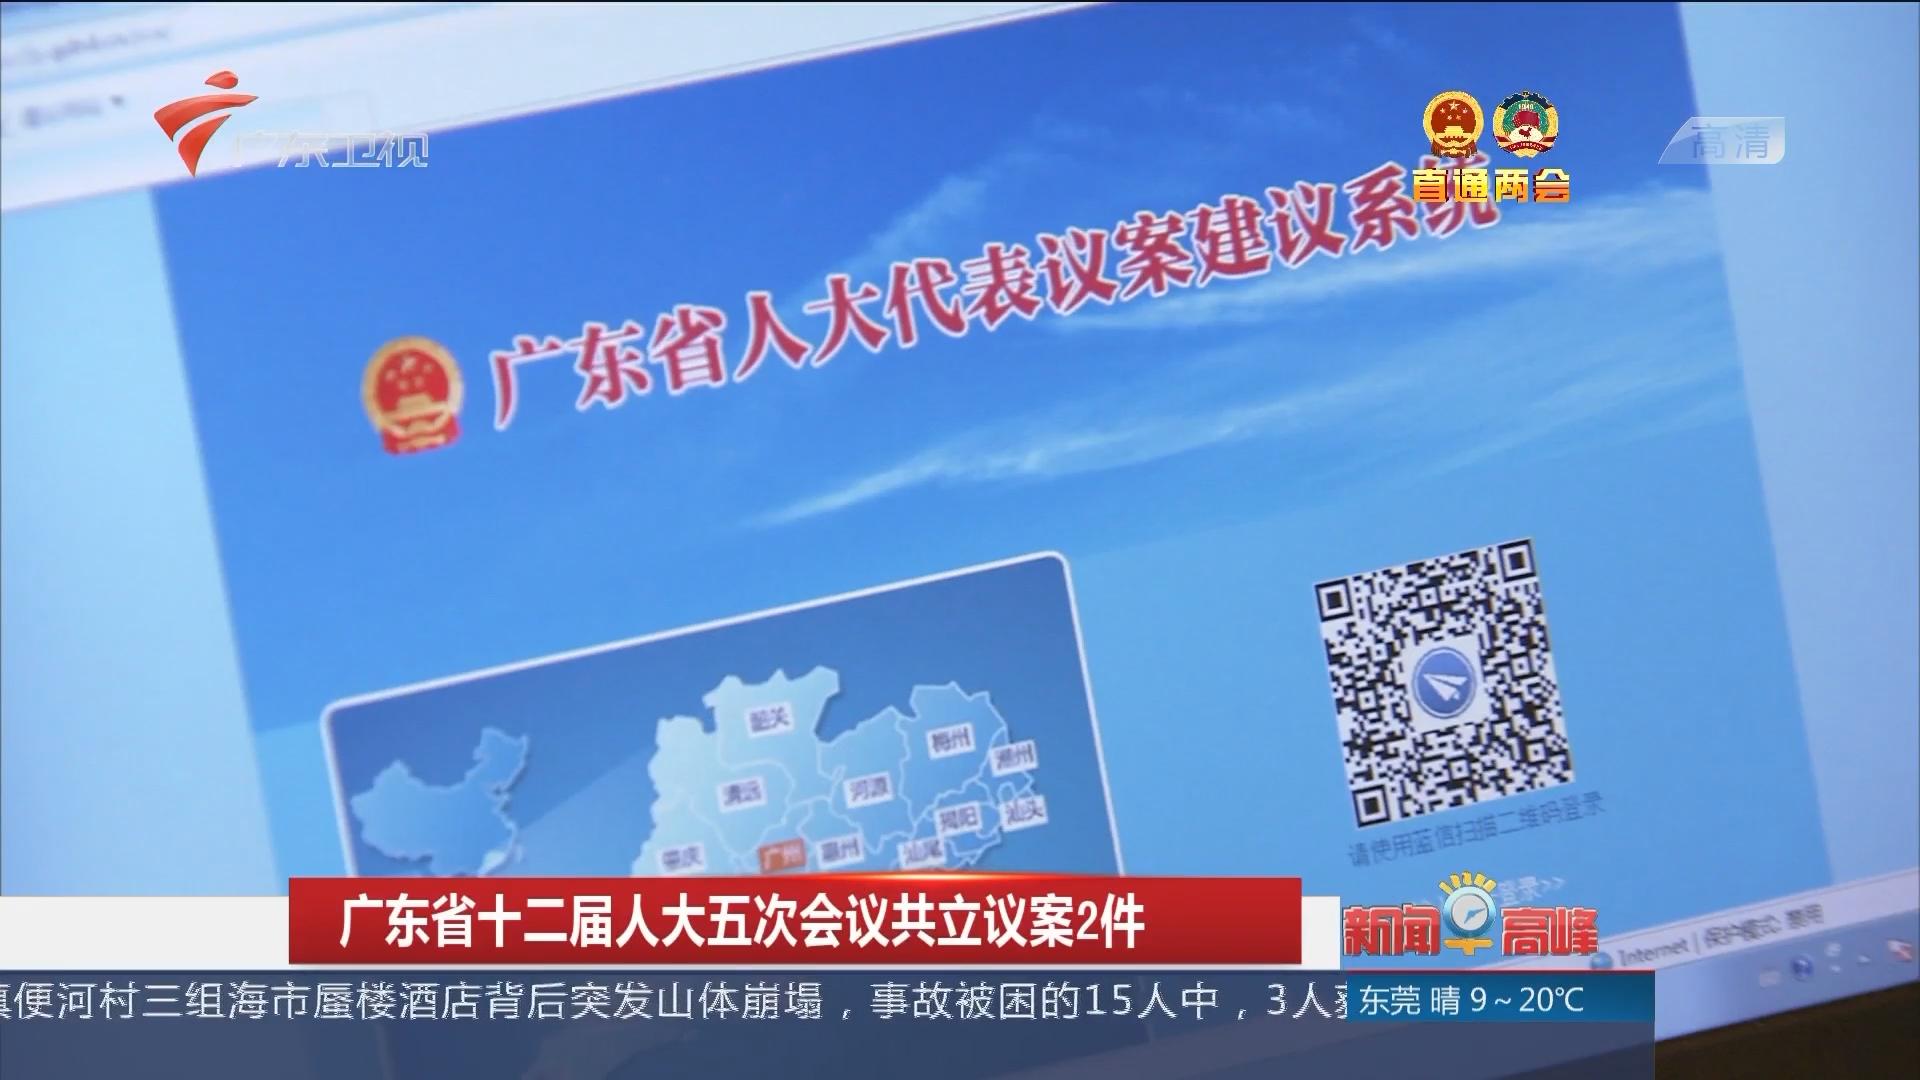 广东省十二届人大五次会议共立议案2件